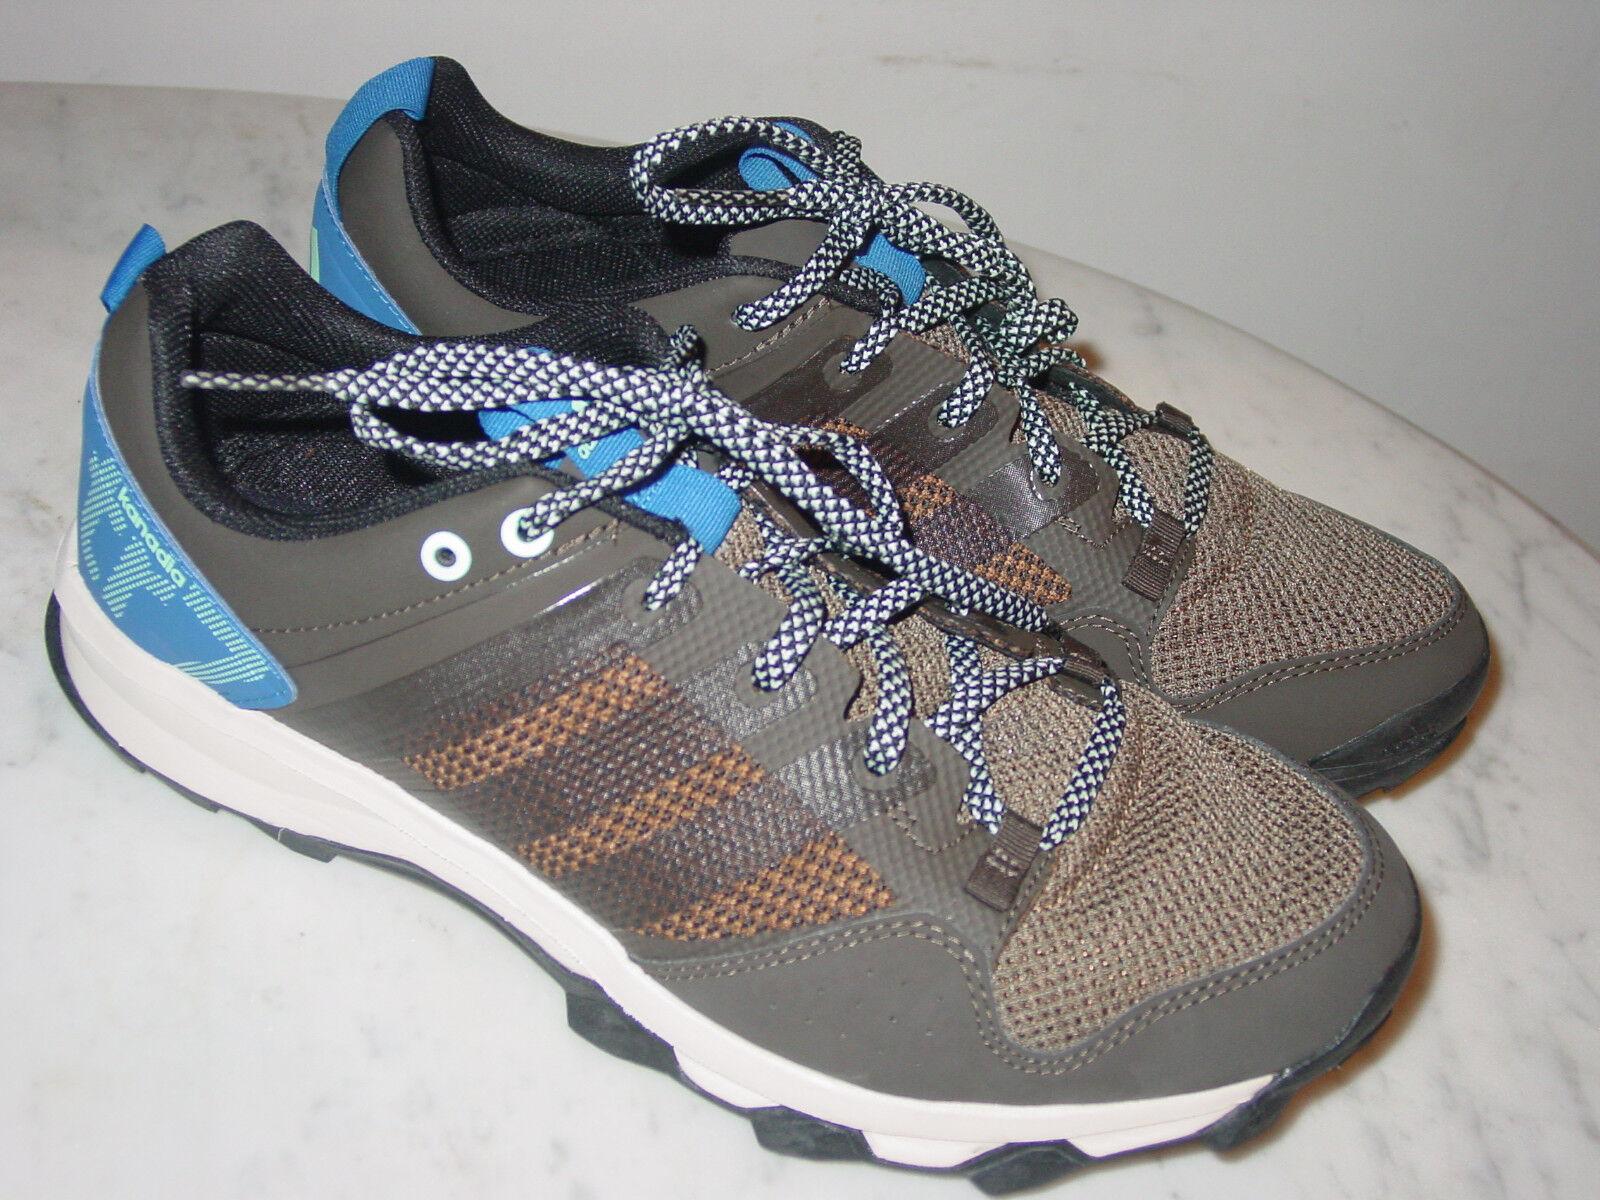 2015 adidas kanadia 7 b33628 / umber / nero / b33628 blu tracce delle scarpe da corsa!dimensione 10 7d9037